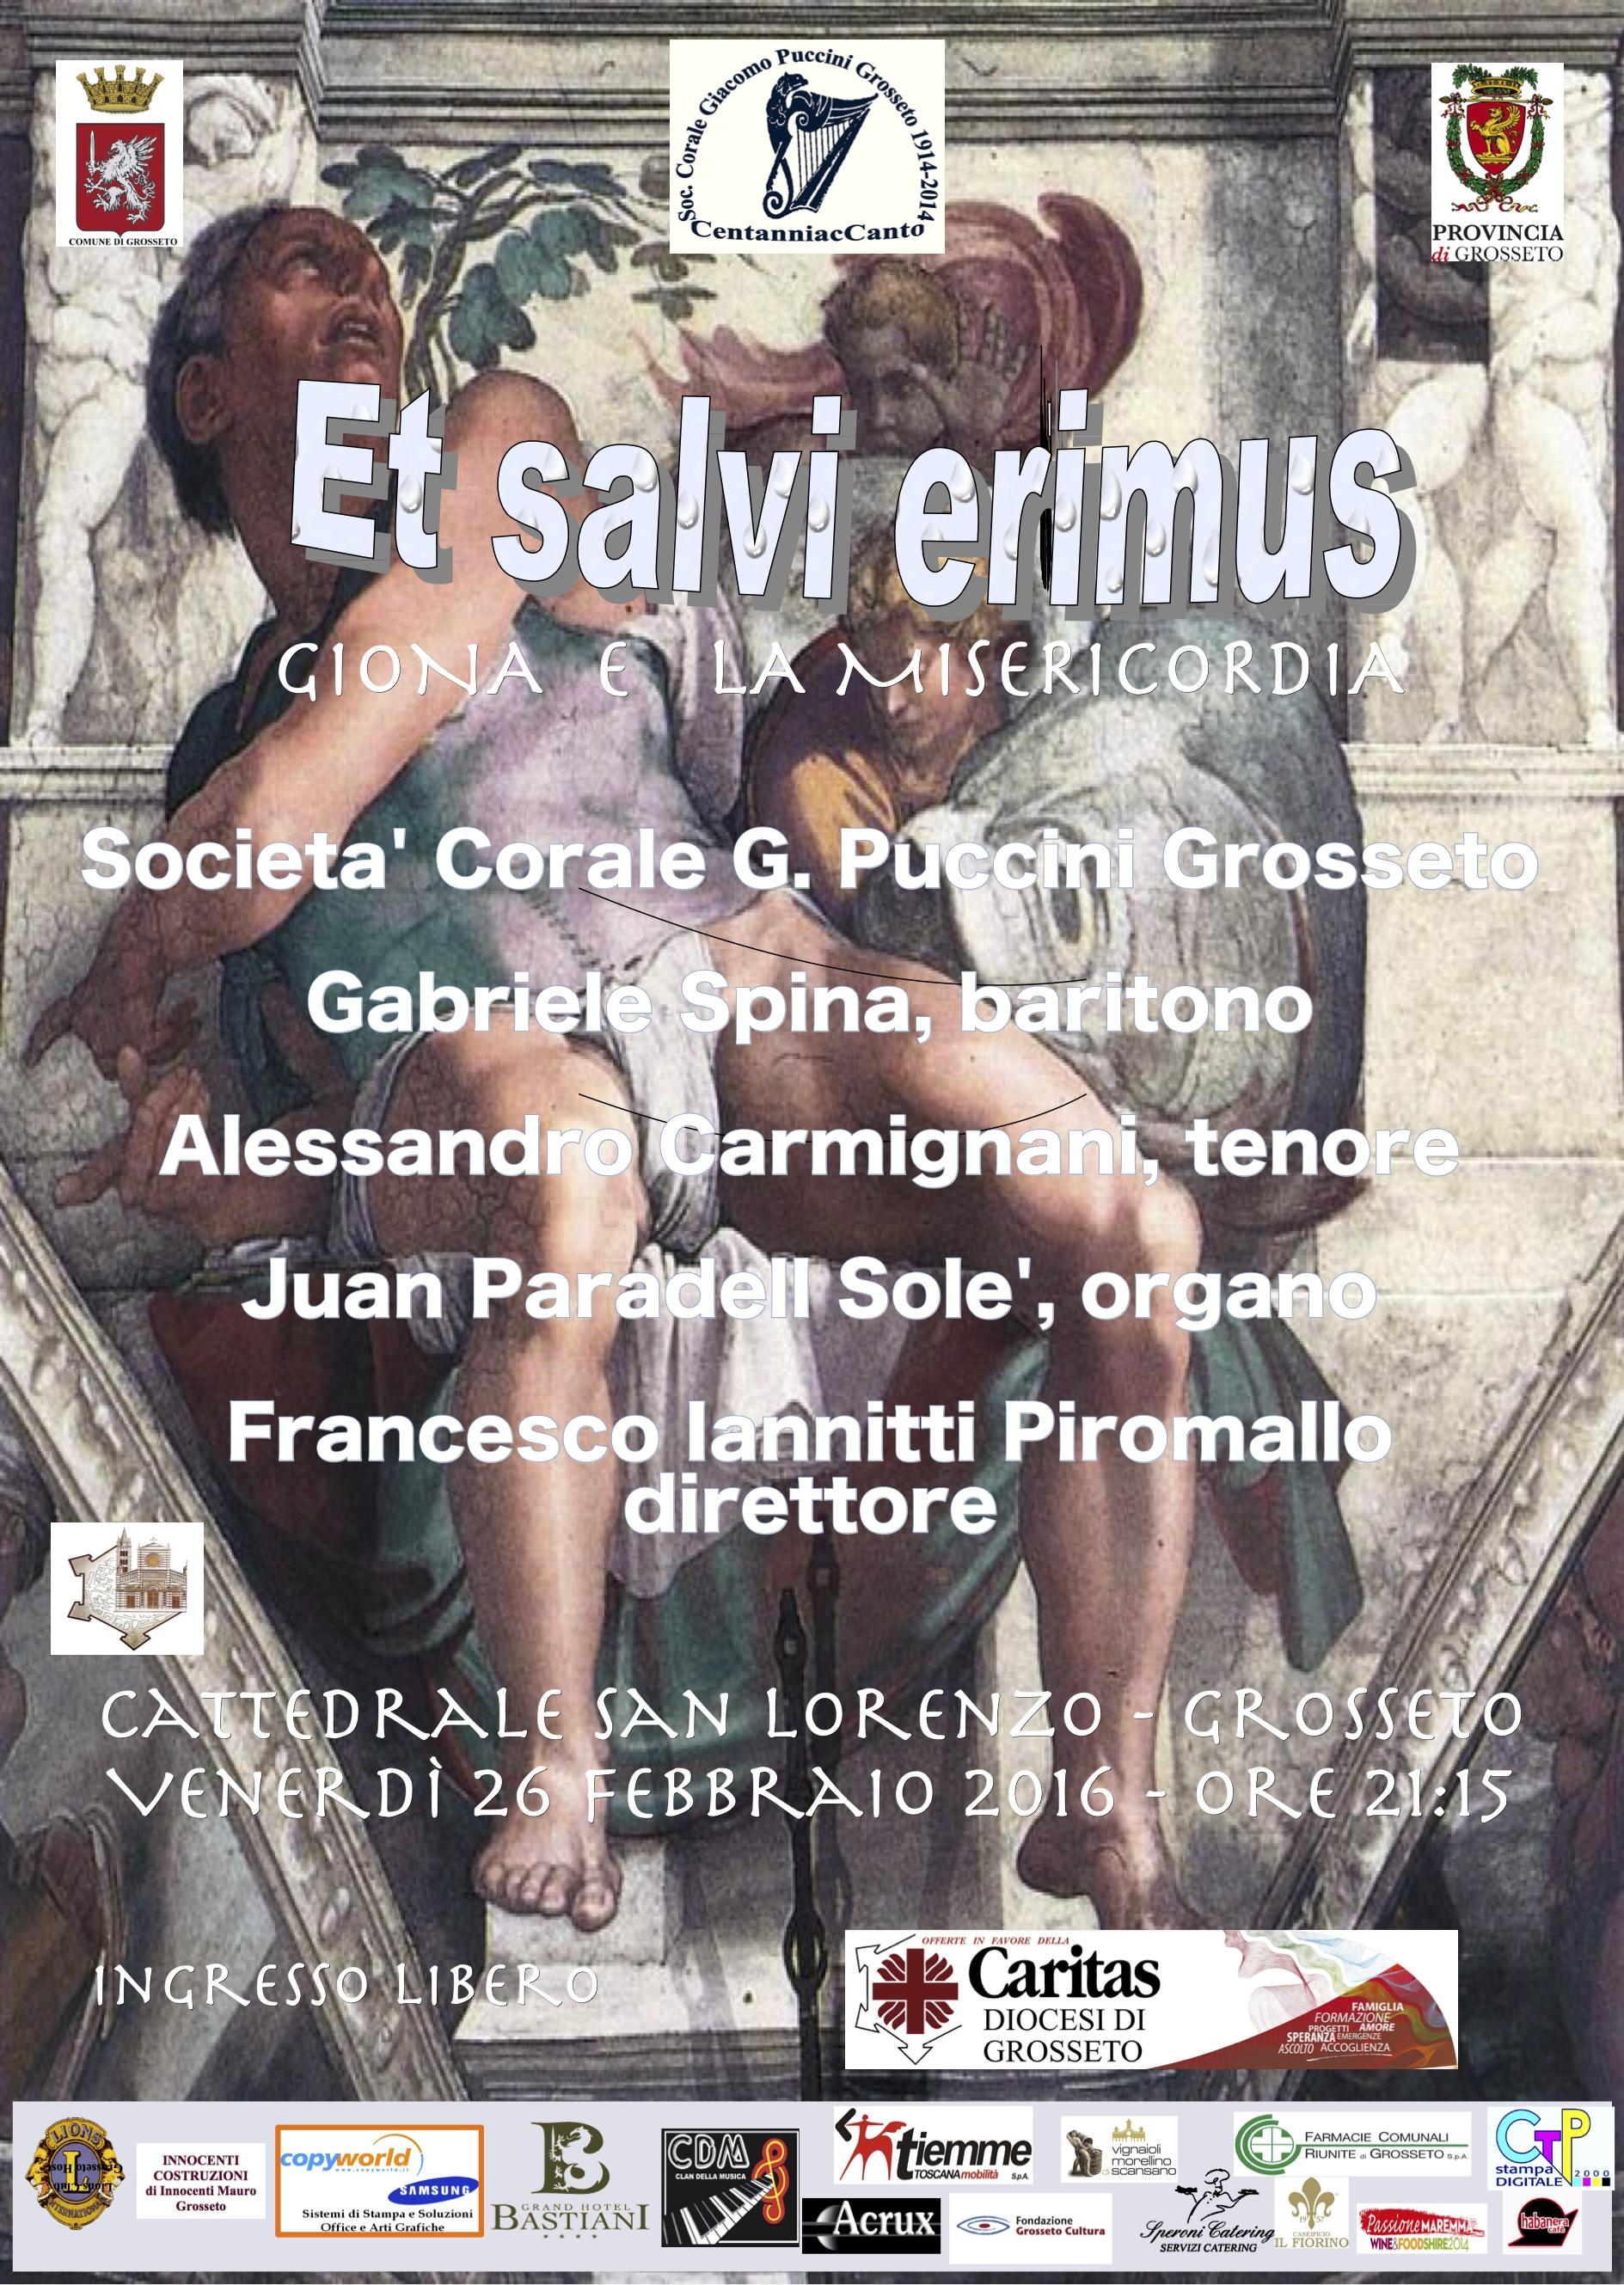 Et salvi erimus – Giona e la Misericordia, Cattedrale San Lorenzo in Grosseto, venerdì 26 febbraio 2016, ore 21:15